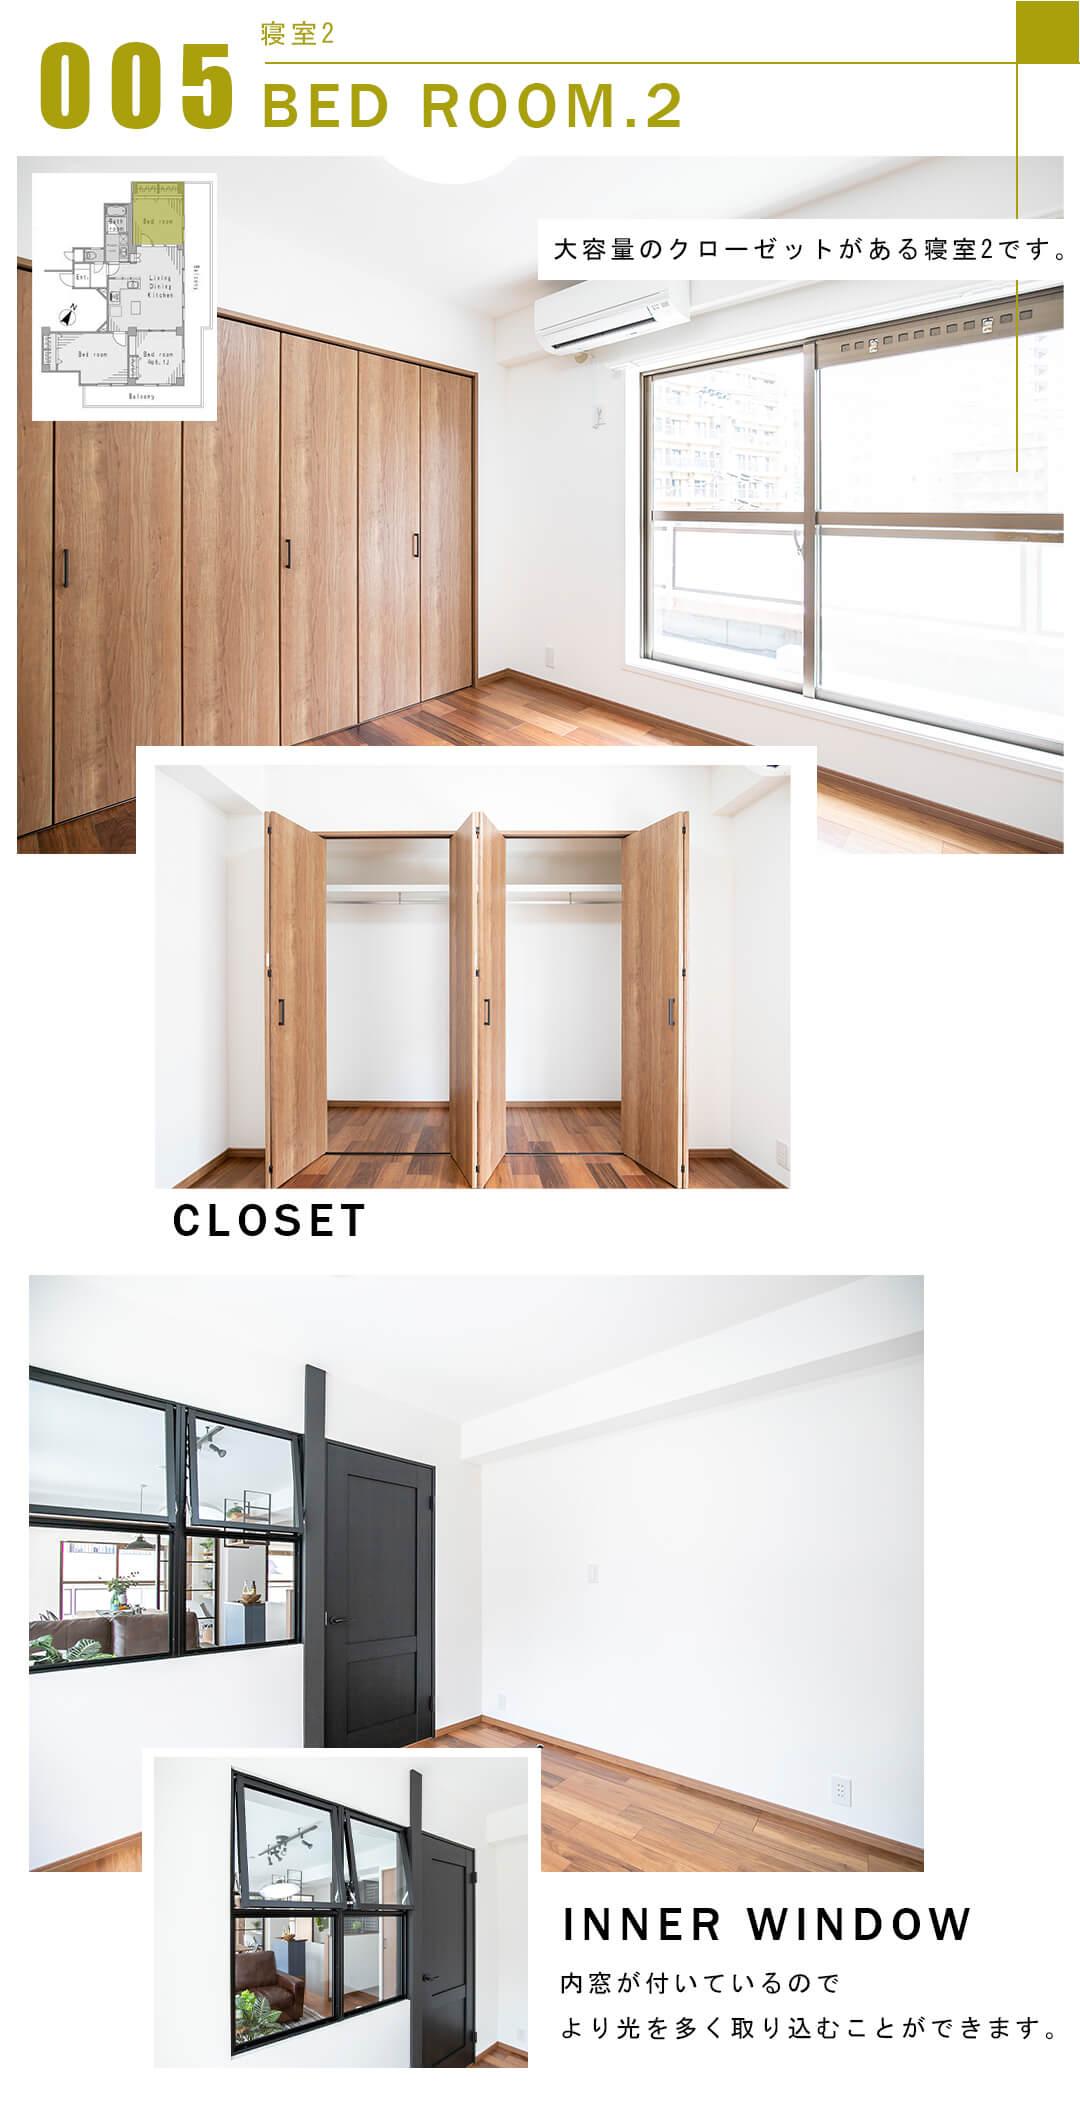 005寝室2,BED ROOM.2